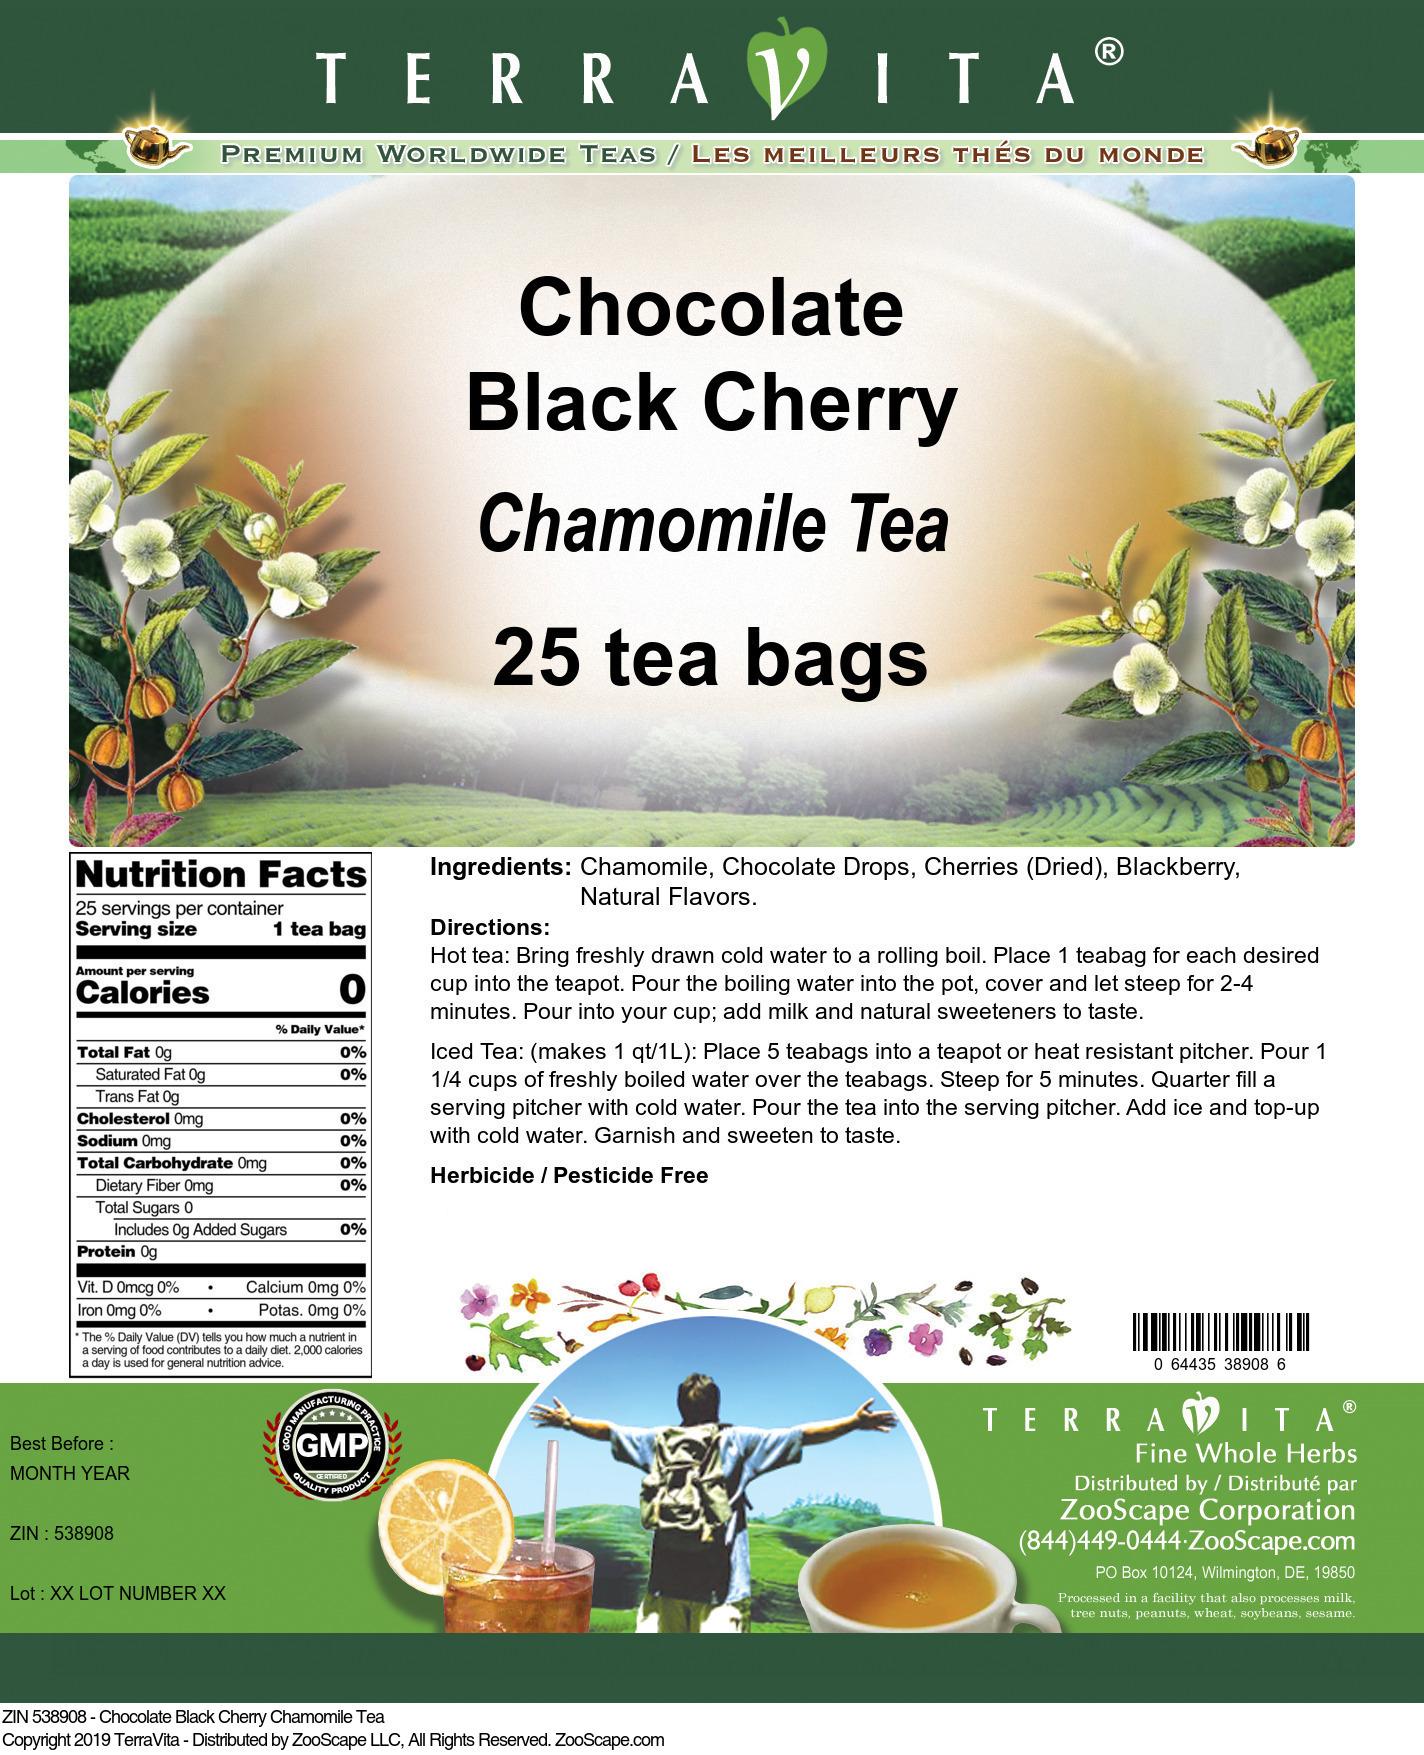 Chocolate Black Cherry Chamomile Tea